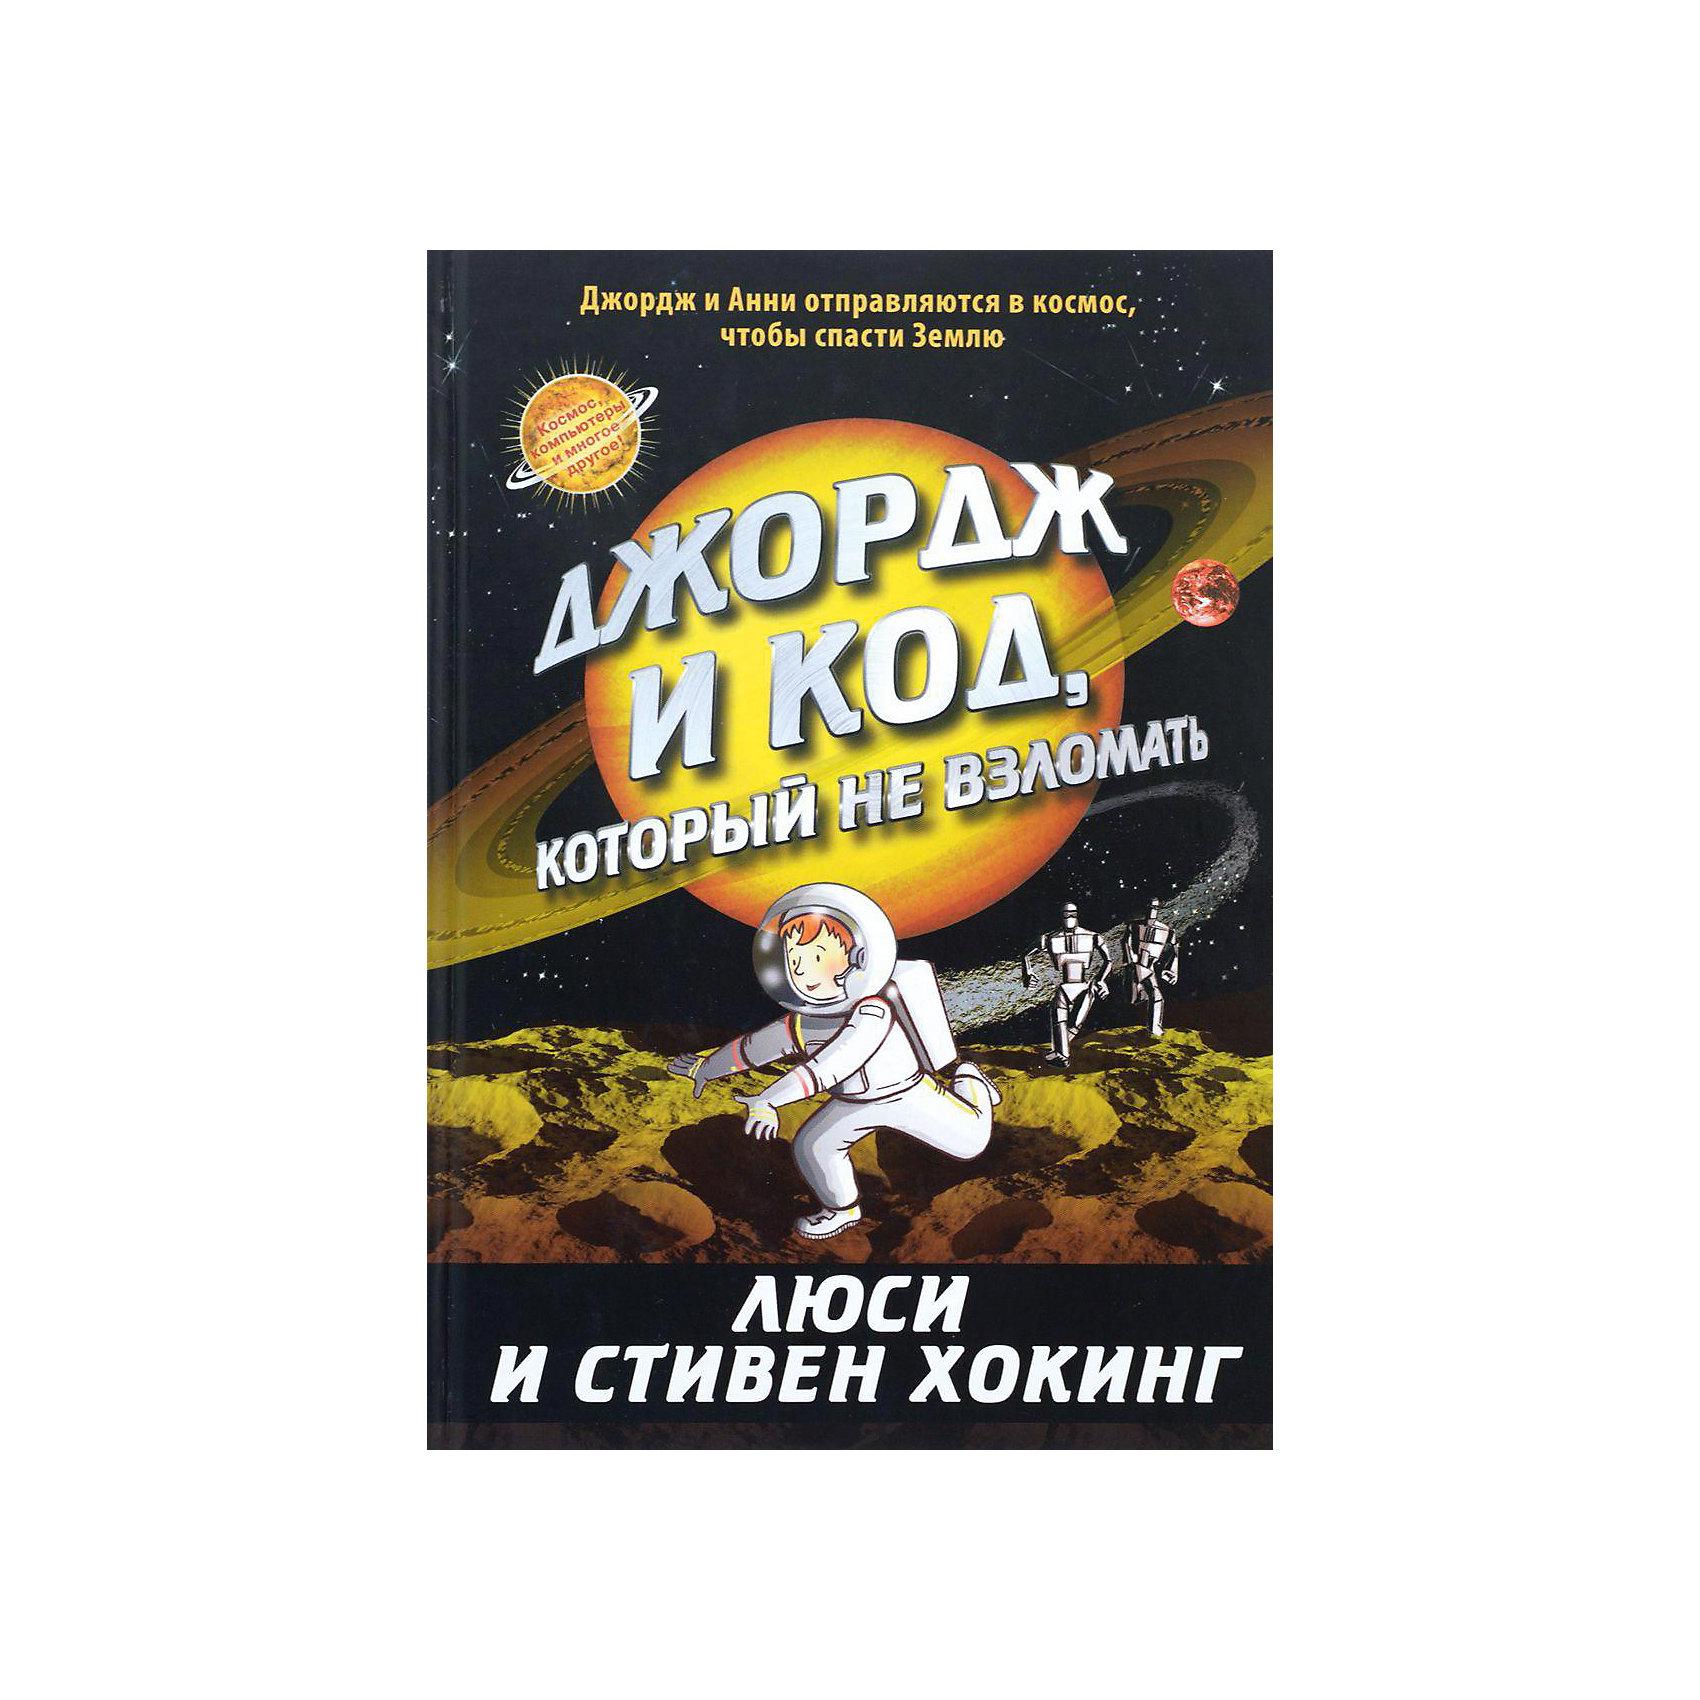 Джордж и код,который не взломать, Л. и С. ХокингДжордж и код,который не взломать, Л. и С. Хокинг – это история о невероятных космических приключениях Джорджа и Анни.<br>«Джордж и код, который не взломать» - это четвертая книга о приключениях Джорджа в космосе, написанная астрофизиком, гениальным пропагандистом науки Стивеном Хокингом и его дочерью, научным журналистом Люси Хокинг. На летних каникулах Джордж и Анни мечтают о новых путешествиях в космос. А тем временем на Земле разворачиваются совершенно невероятные события: банкоматы плюются деньгами, товары раздаются бесплатно, полки магазинов пустеют, начинаются грабежи, разбои, хаос. Теле- и радиовещание прерываются странными сообщениями... Что происходит? Неужели неведомый? сверхмощный? компьютер взломал все остальные компьютеры планеты?! Чтобы спасти мир, Джордж и Анни отправляются на встречу с космическими роботами-злодеями. В книге, написанной простым и понятным для детского восприятия языком, излагается научная информация, основные понятия и законы физики, и самые последние новости из области космических исследований. Захватывающий сюжет и простота, с которой Стивен и Люси Хокинг рассказывают о сложных вещах, способны пробудить живой интерес к науке. Для среднего школьного возраста.<br><br>Дополнительная информация:<br><br>- Авторы: Хокинг Люси, Хокинг Стивен <br>- Художник: Парсонс Гарри<br>- Переводчик: Канищева Е. Д.<br>- Редактор: Сурдин В. Г.<br>- Издательство: Розовый жираф, 2016 г.<br>- Серия: Джордж<br>- Тип обложки: 7Б - твердая (плотная бумага или картон)<br>- Иллюстрации: черно-белые, цветные<br>- Количество страниц: 352 (офсет)<br>- Размер: 222x161x29 мм.<br>- Вес: 716 гр.<br><br>Книгу «Джордж и код,который не взломать», Л. и С. Хокинг можно купить в нашем интернет-магазине.<br><br>Ширина мм: 161<br>Глубина мм: 29<br>Высота мм: 222<br>Вес г: 716<br>Возраст от месяцев: 72<br>Возраст до месяцев: 2147483647<br>Пол: Унисекс<br>Возраст: Детский<br>SKU: 4916609